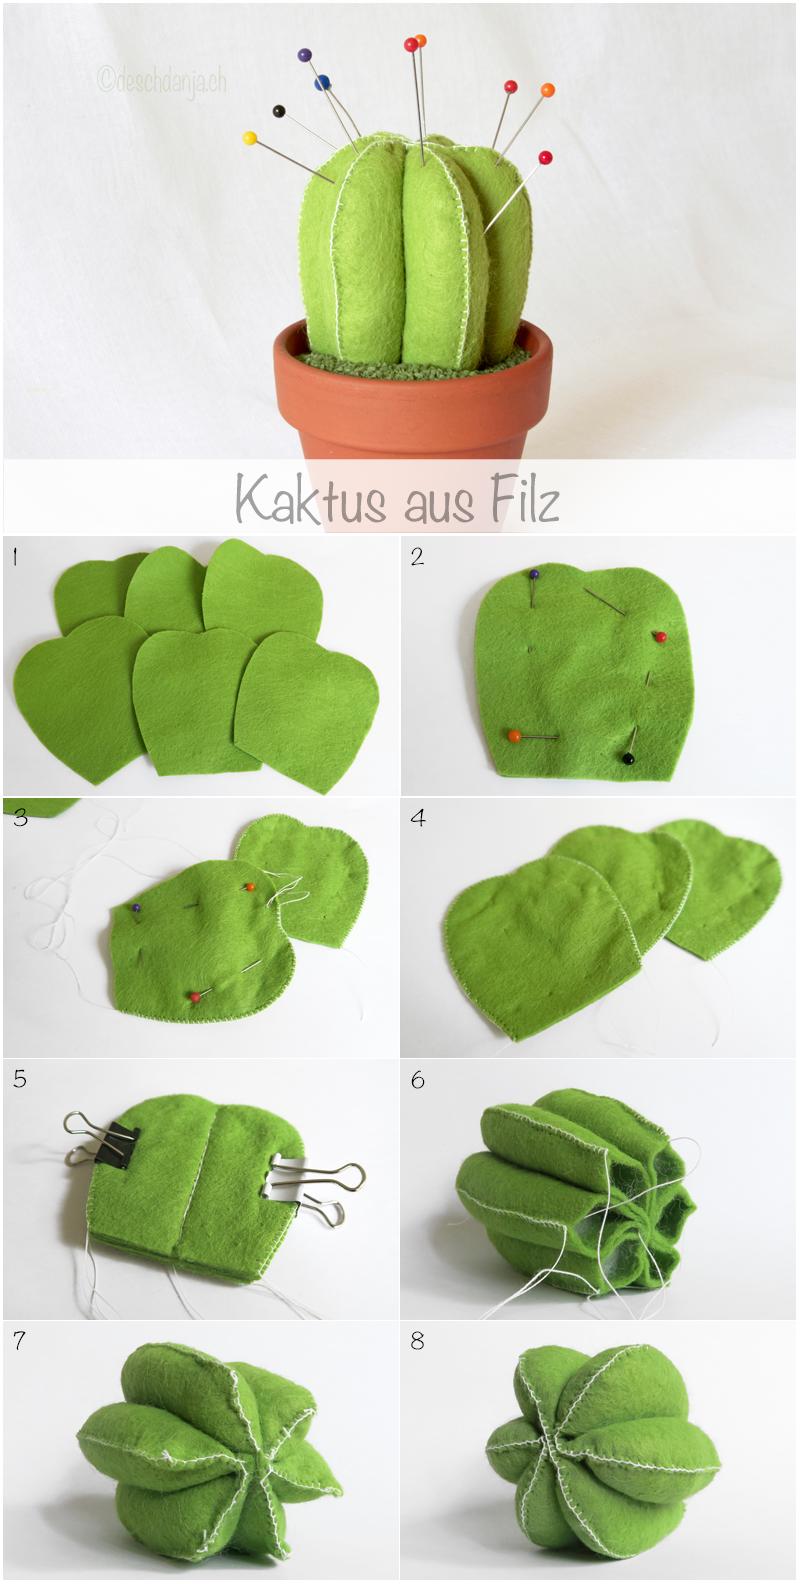 Felt cactus pincushion tutorial, www.deschdanja.ch | Sewing ...